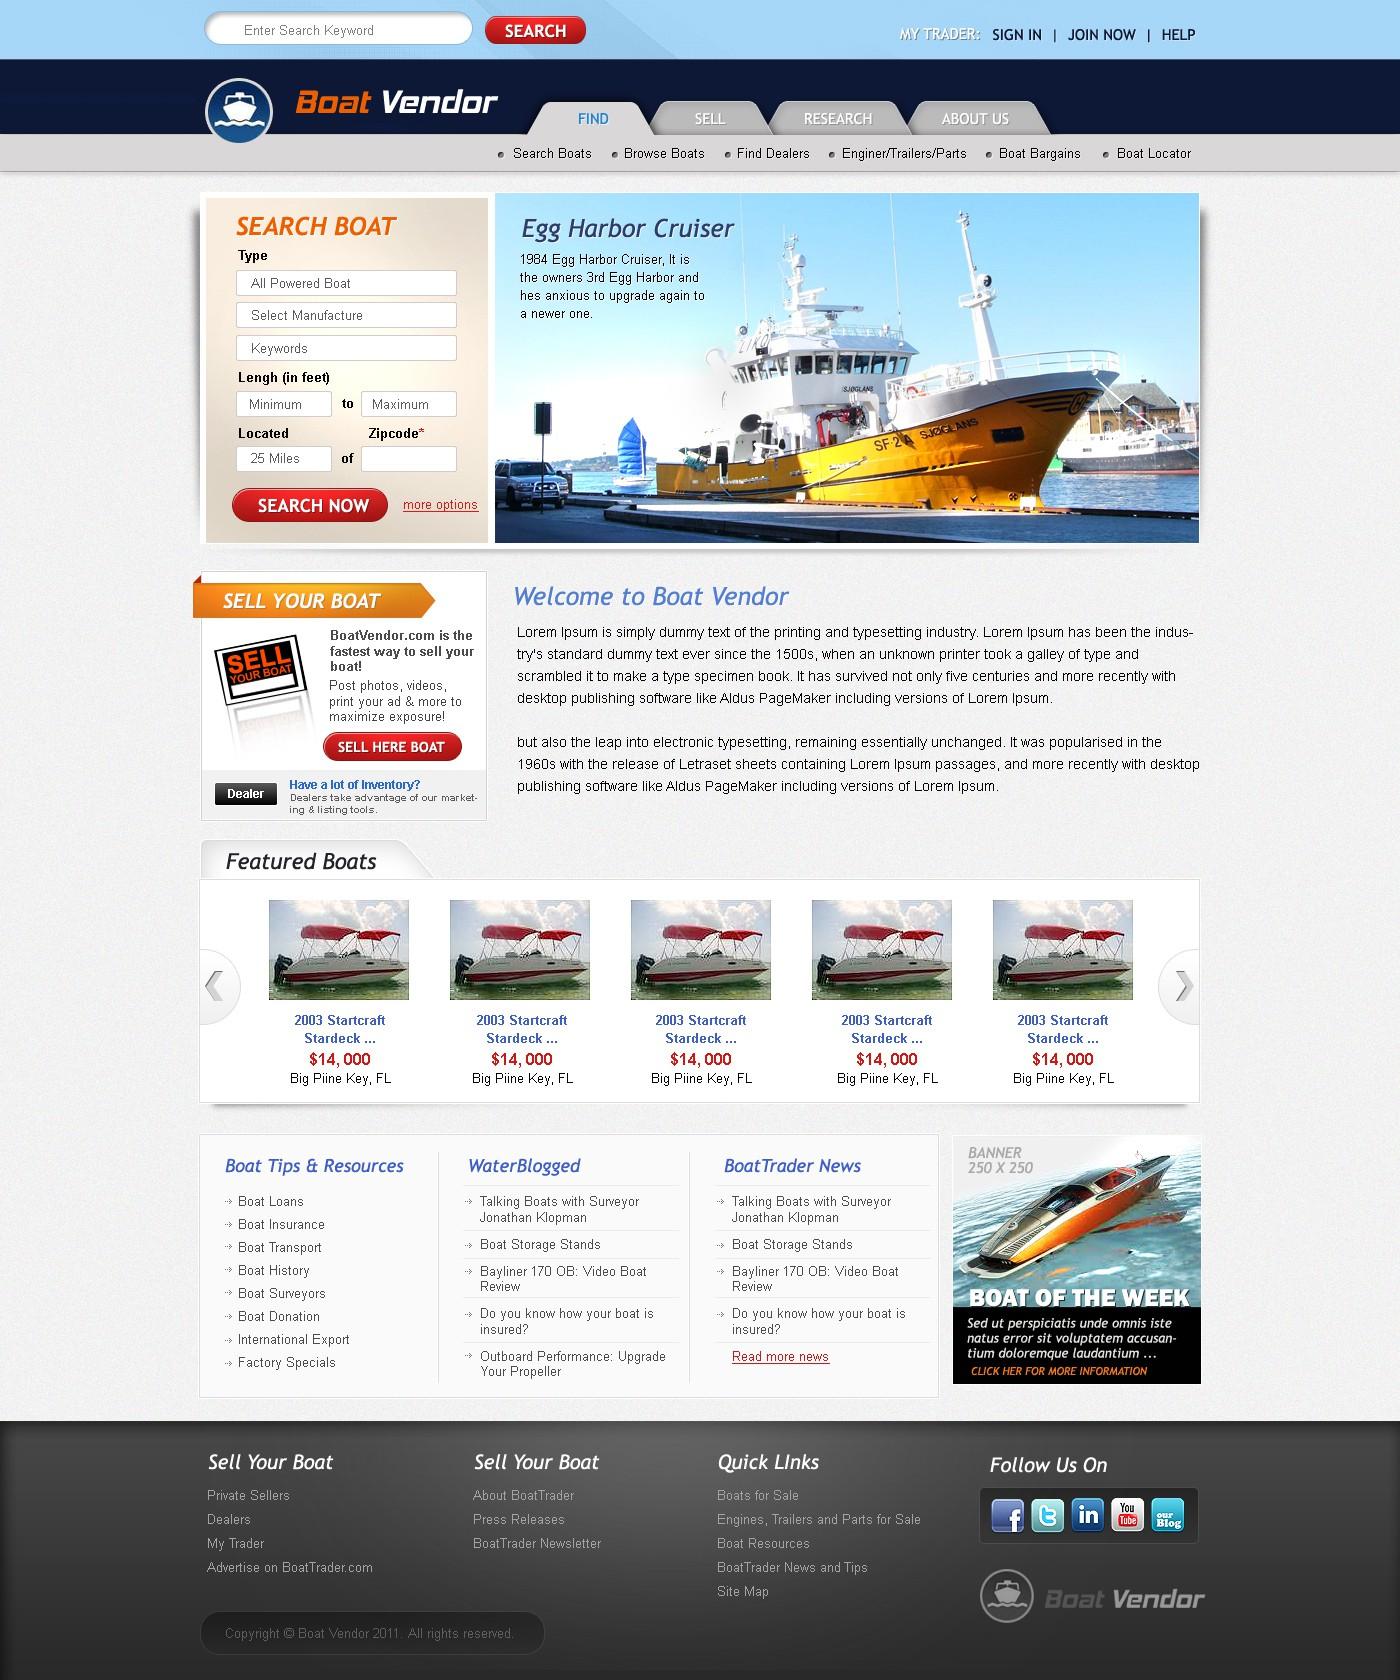 website design for Boat Vendor